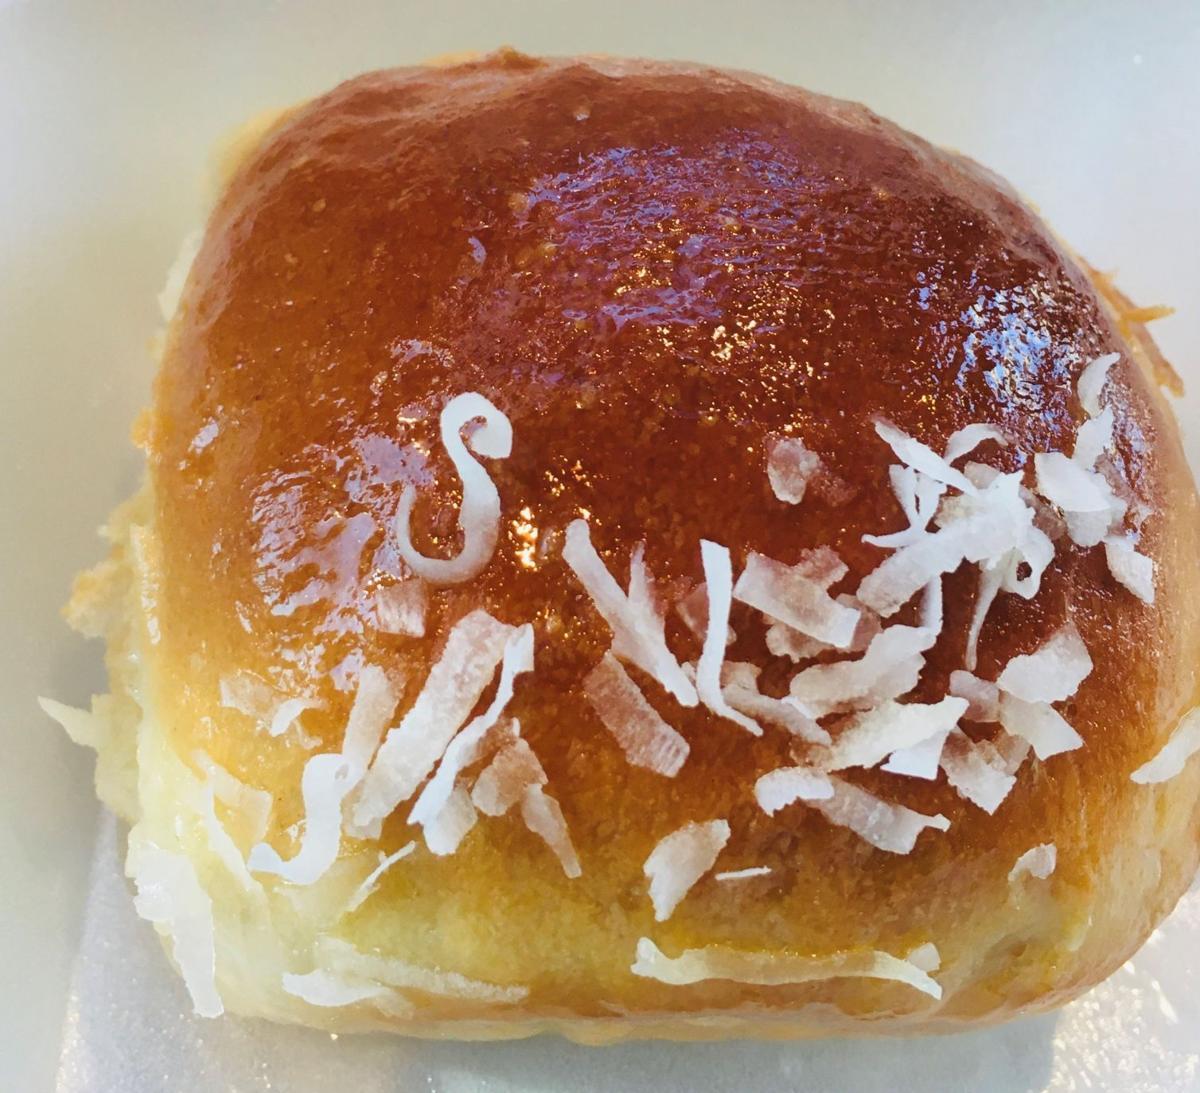 20200826-gm-foodguy-Coconut Bun from Melange Cafe.jpg